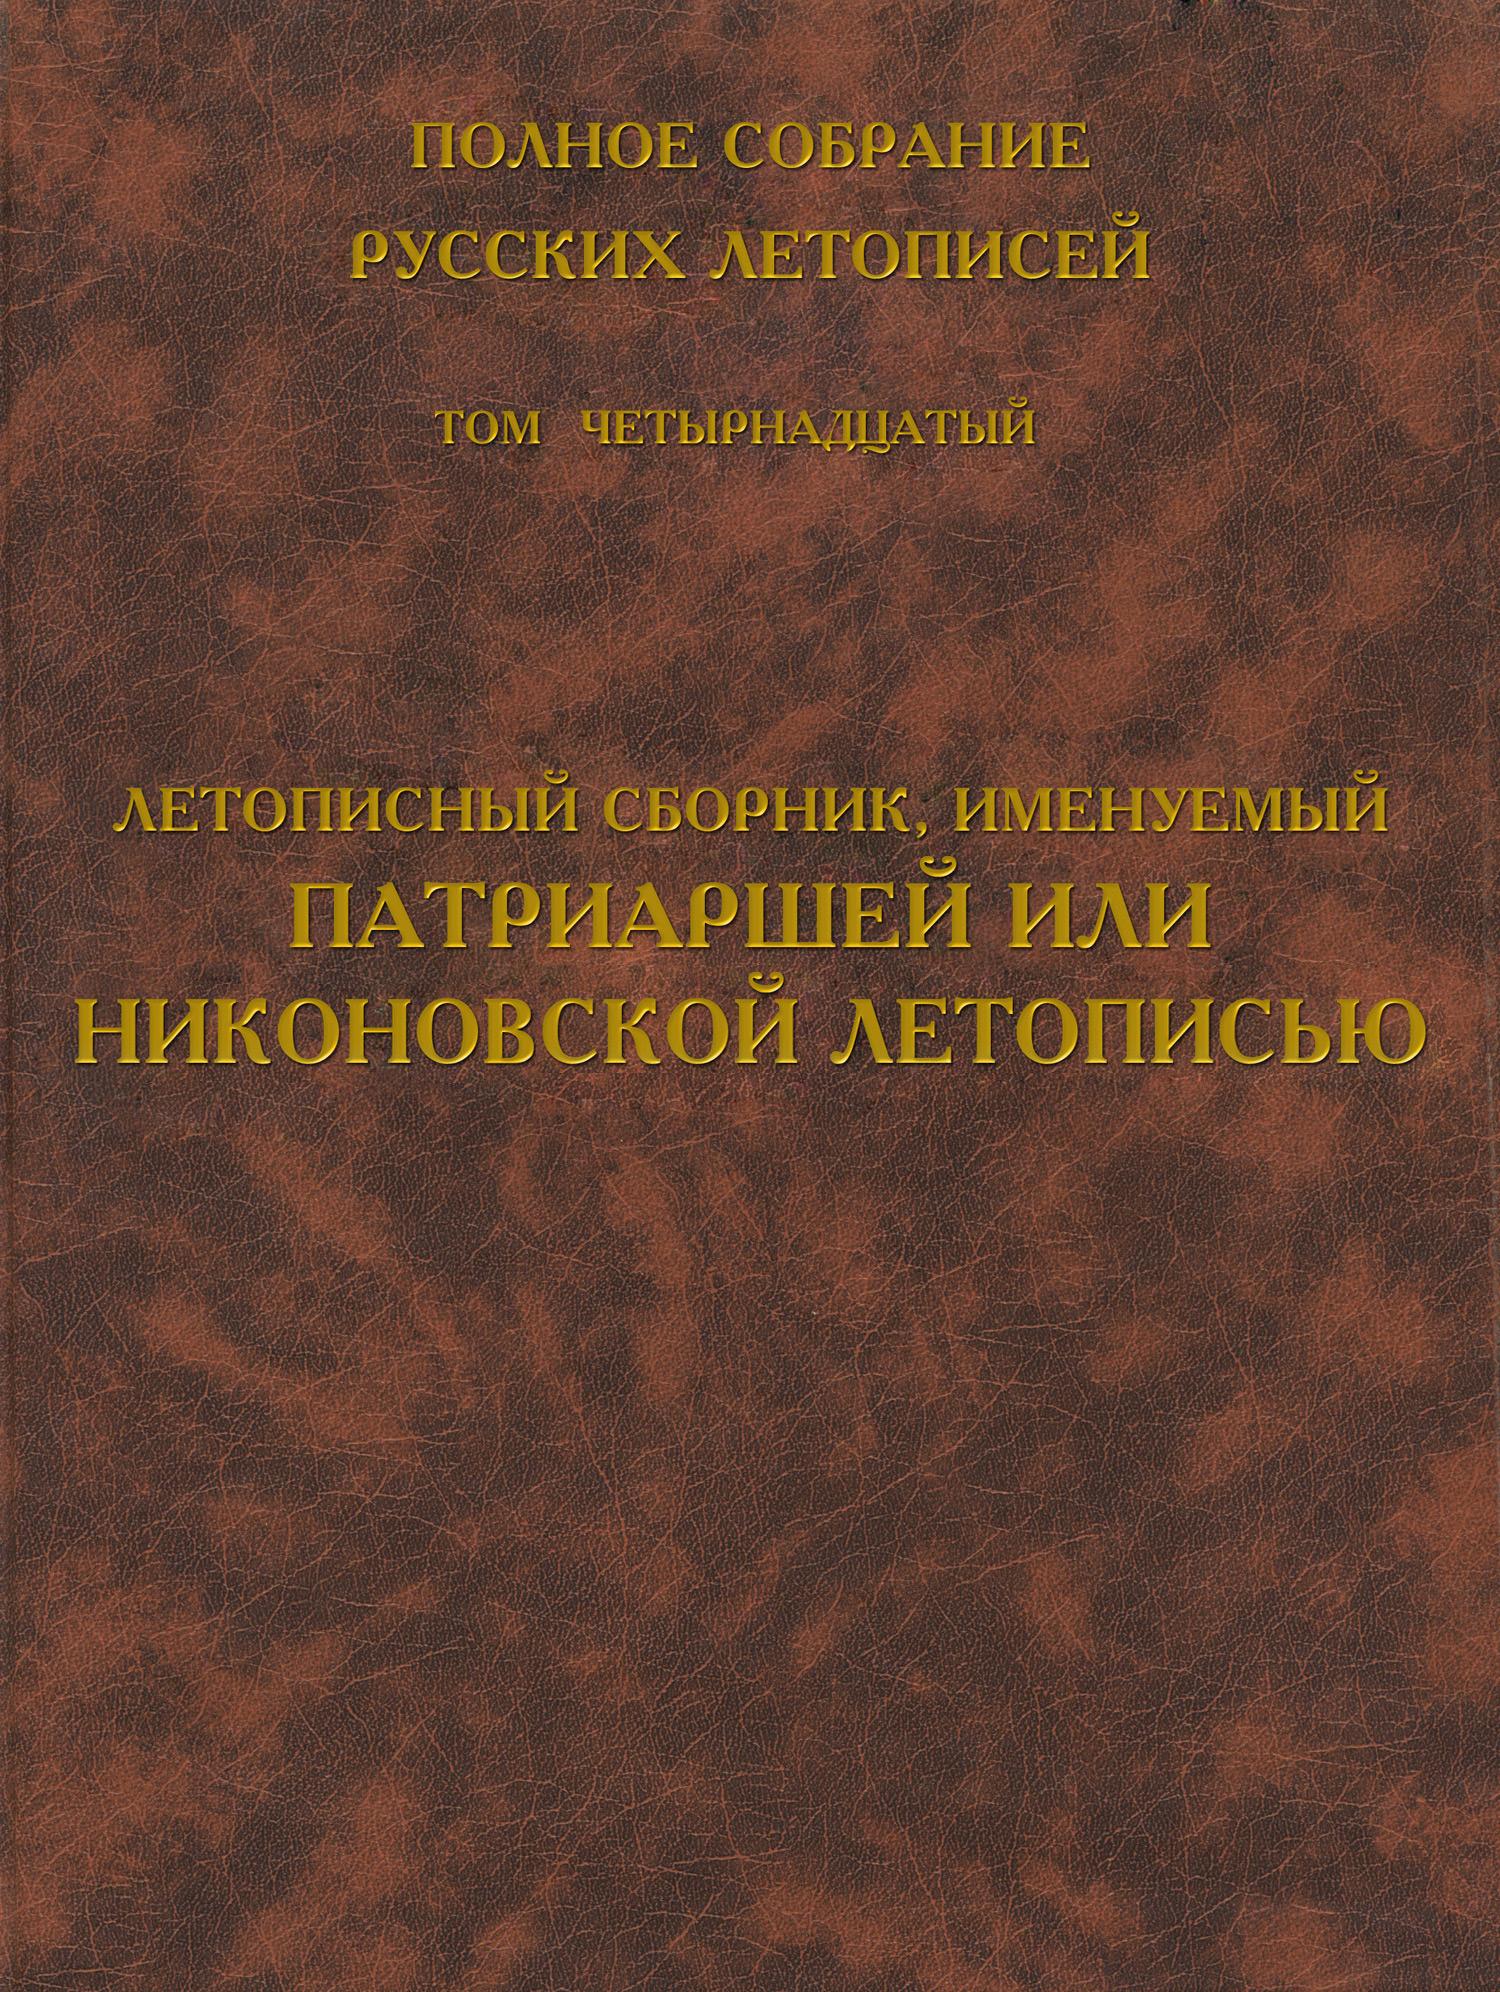 Отсутствует Полное собрание русских летописей. Том 14. Летописный сборник, именуемый Патриаршей или Никоновской летописью